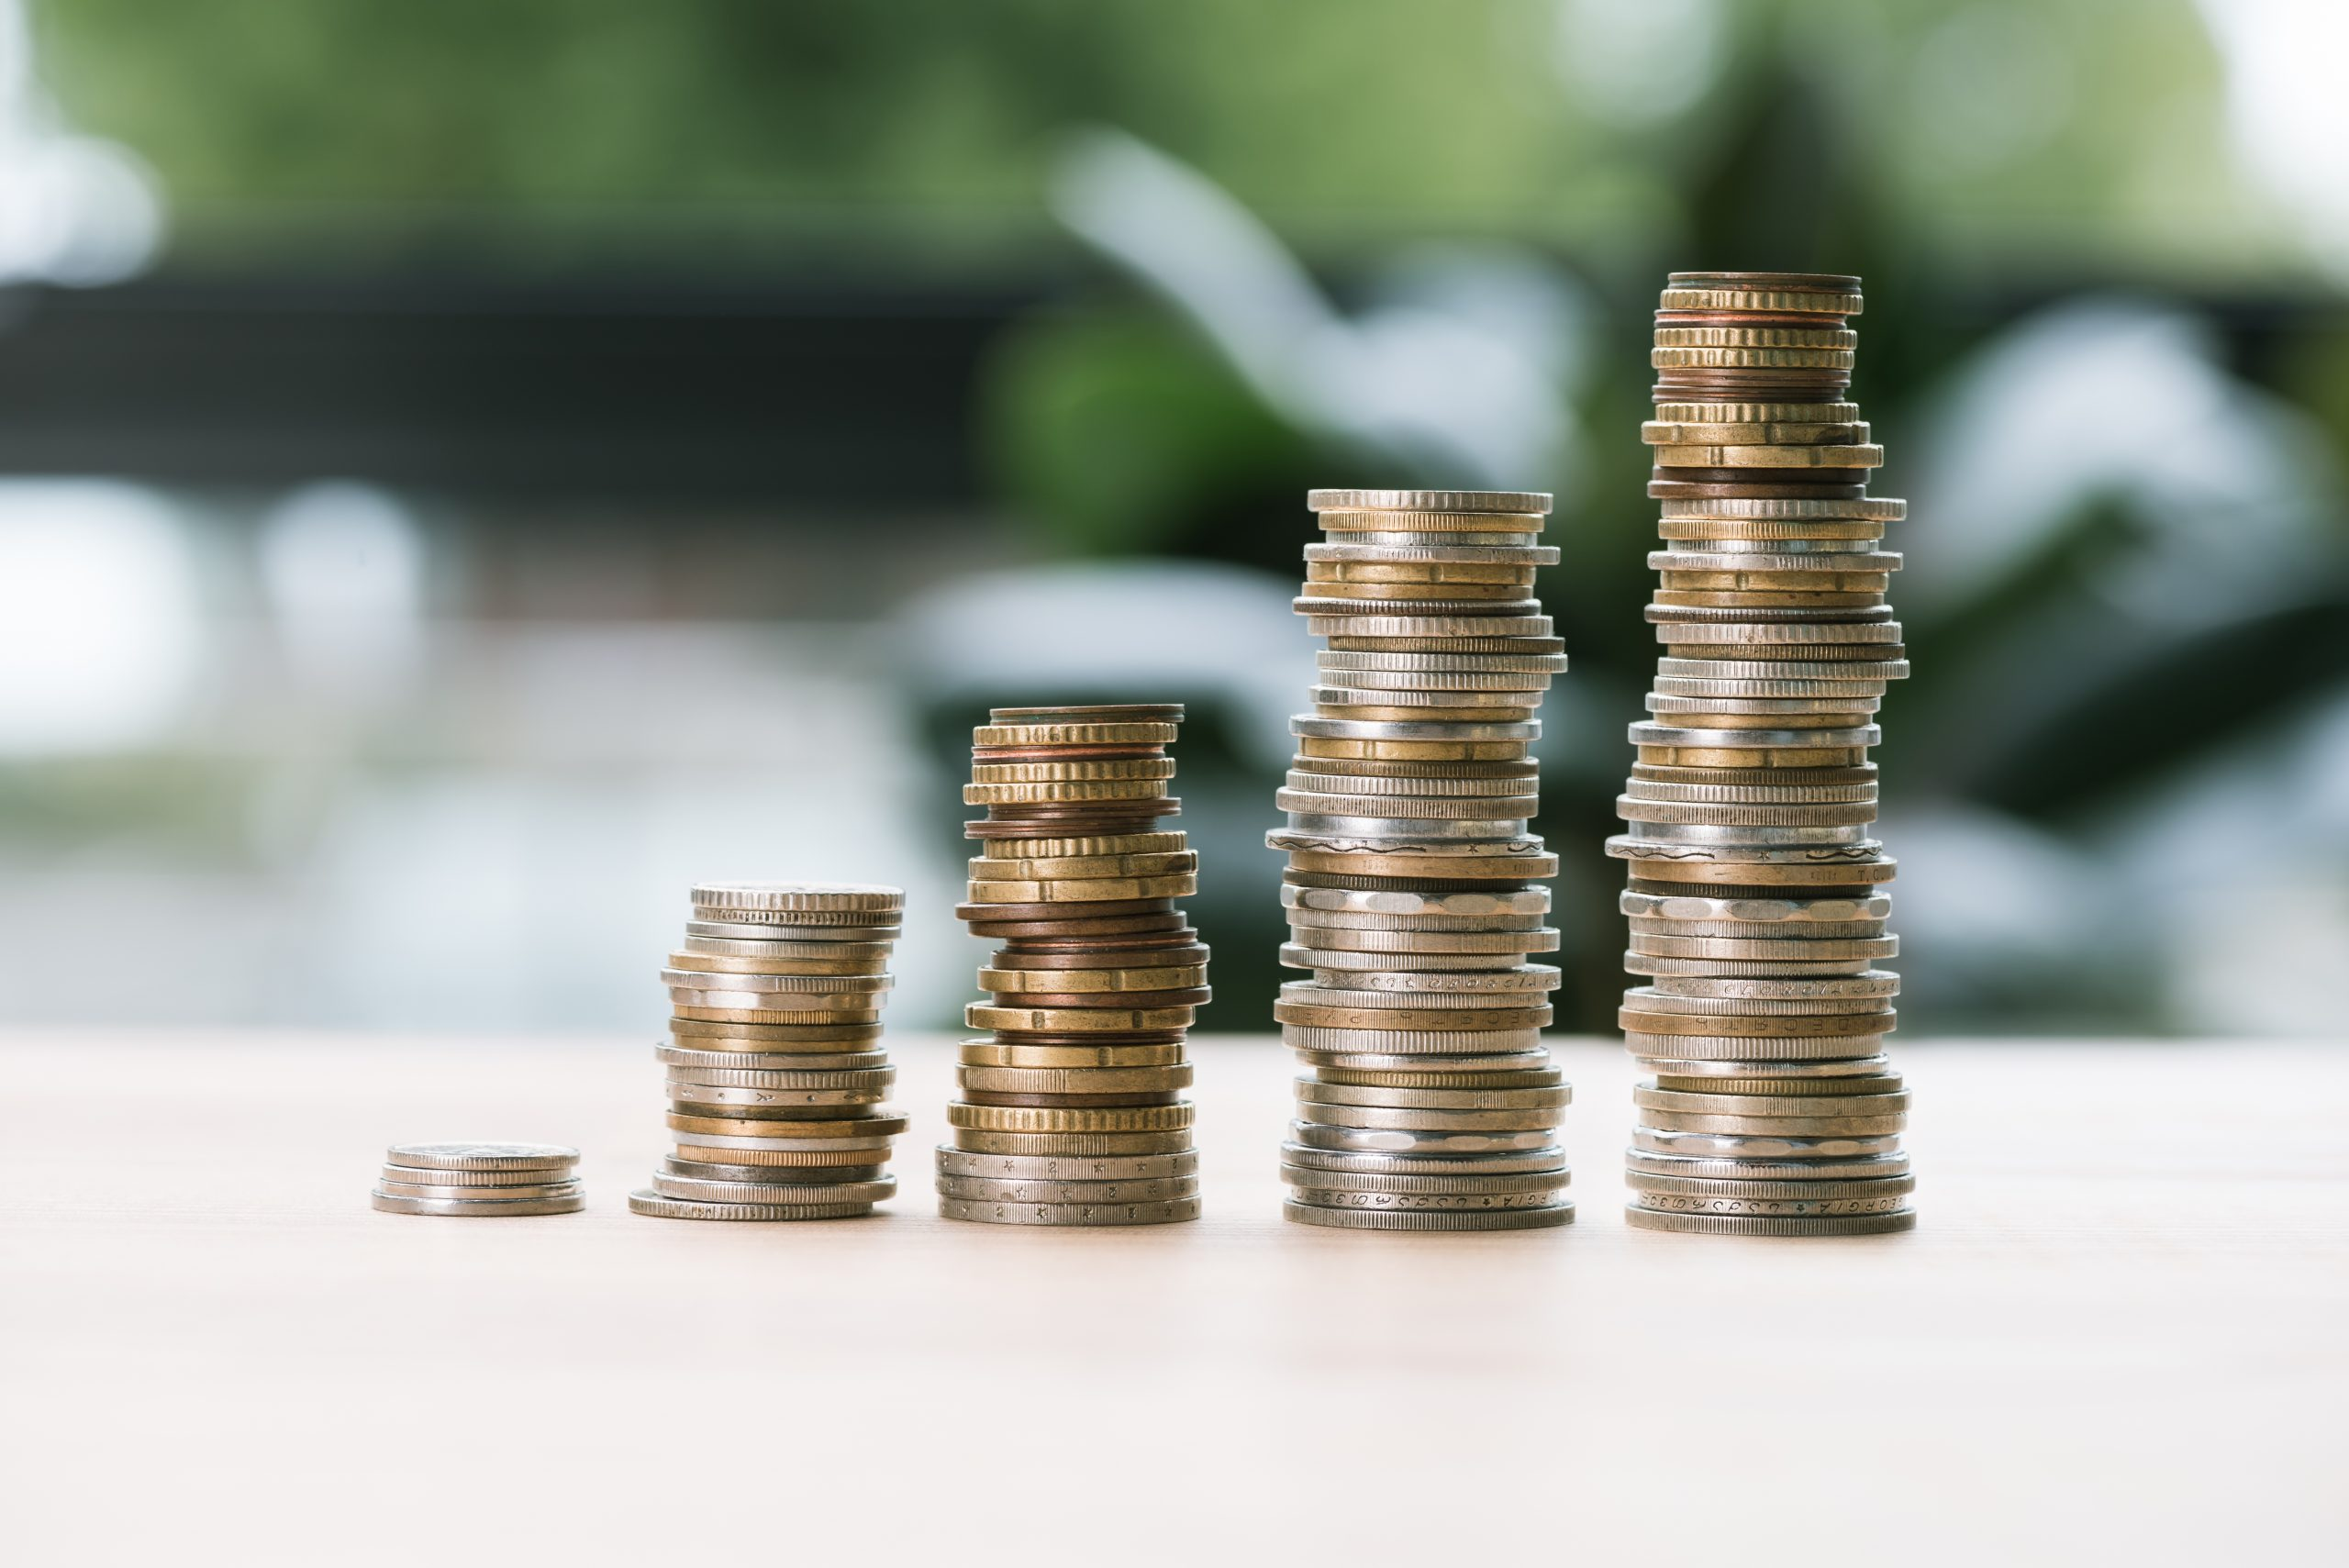 fundamentos da construção de riqueza com investimento a longo prazo - imagem: foco seletivo em montes baixos e altos de moedas em uma mesa